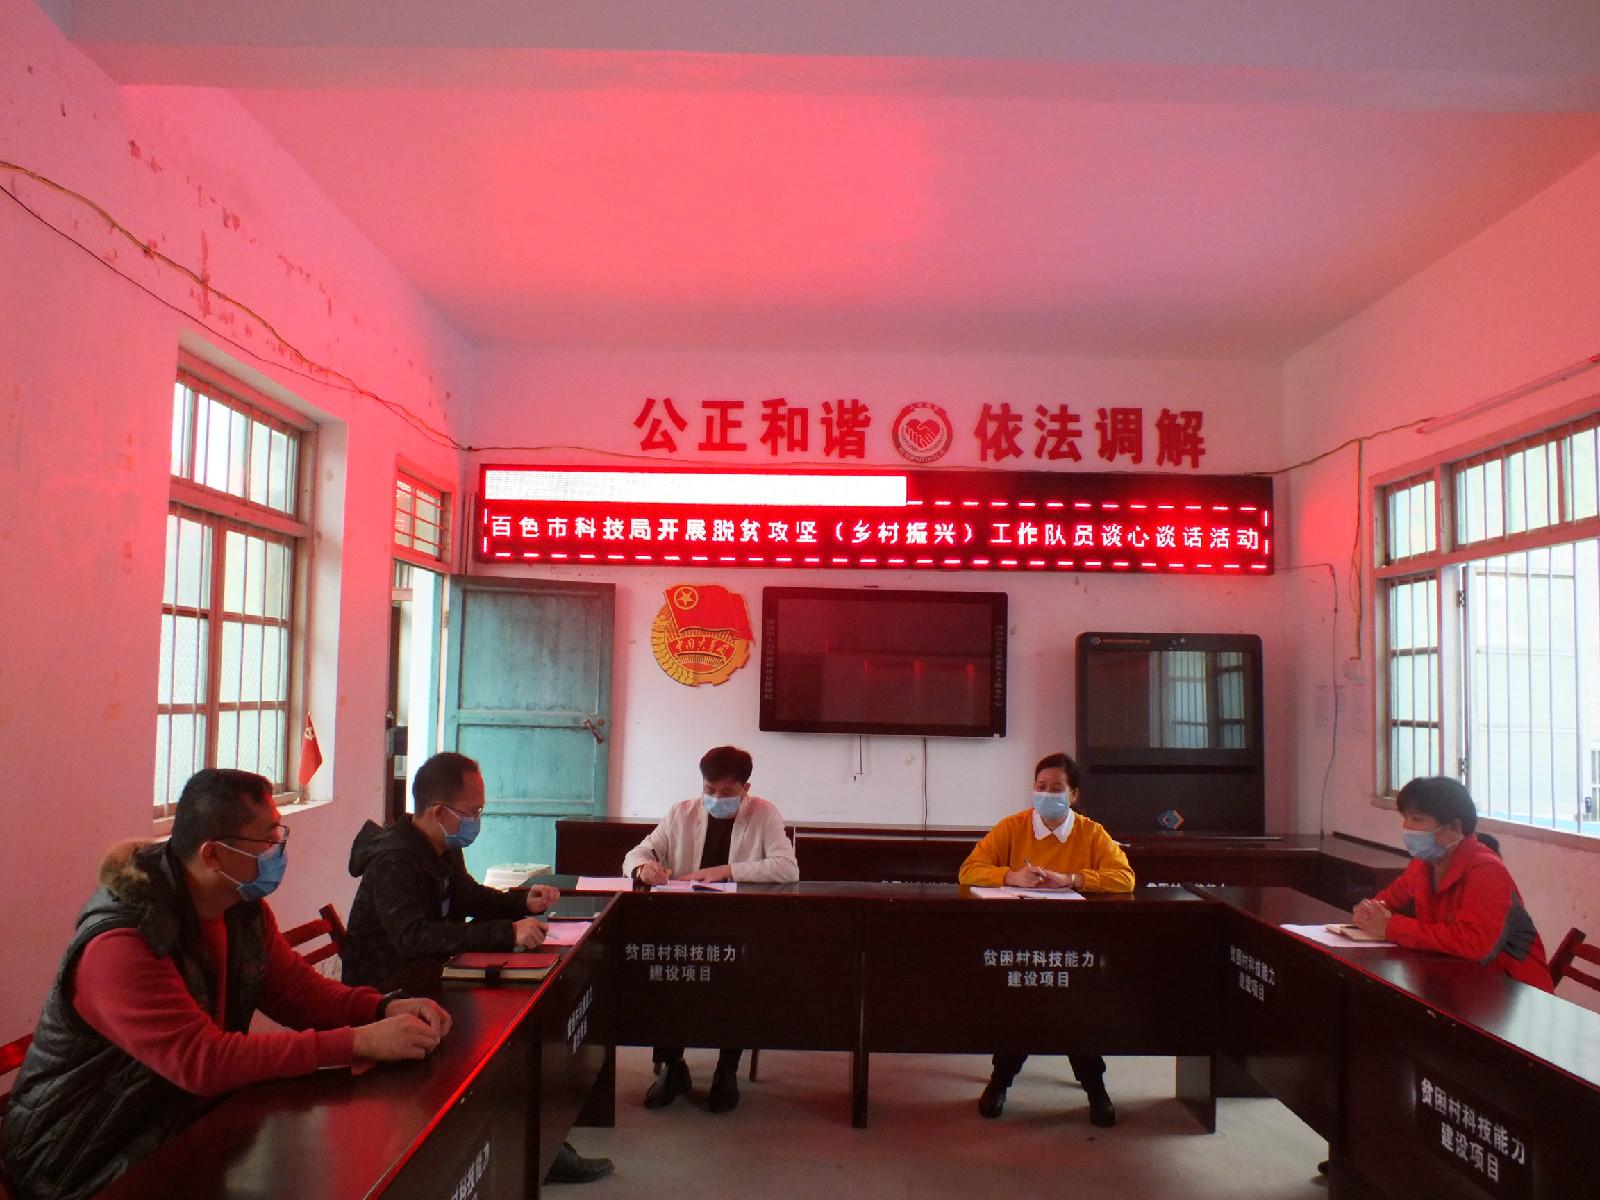 百色市科技局主要领导率队到三南村与脱贫攻坚(乡村振兴)工作队员谈心谈话